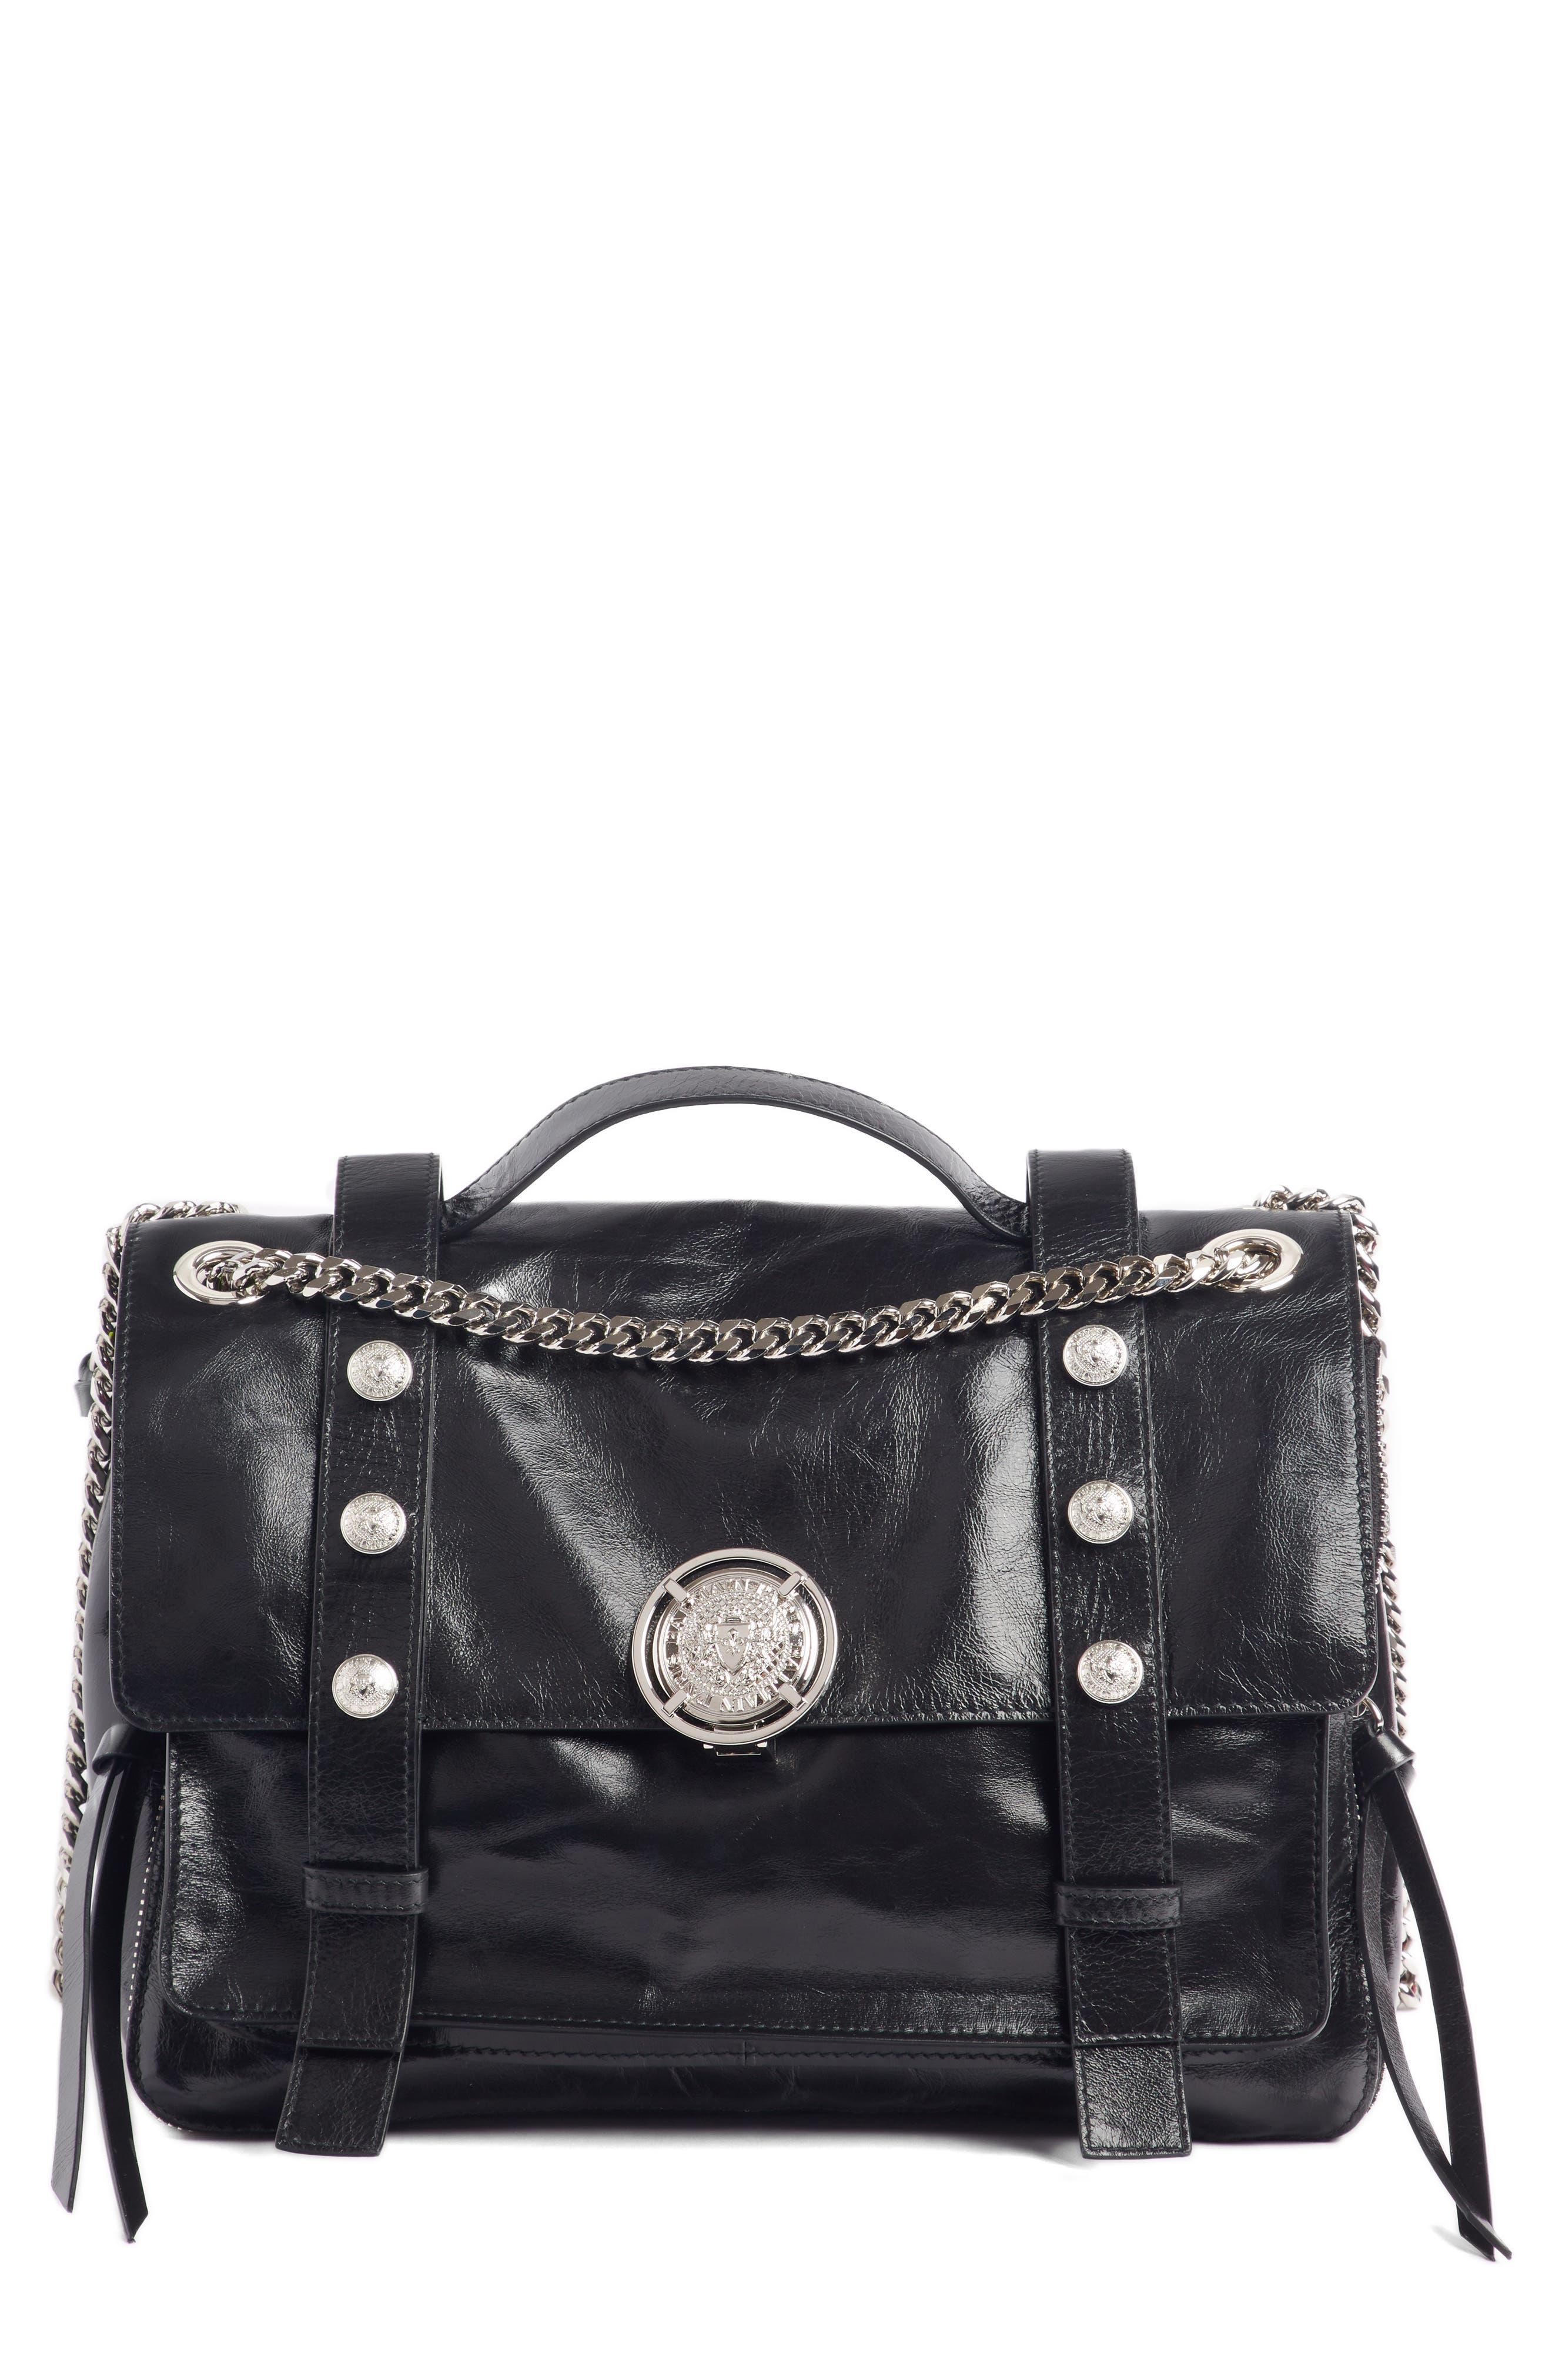 Studded Calfskin Leather Shoulder Bag,                             Main thumbnail 1, color,                             001